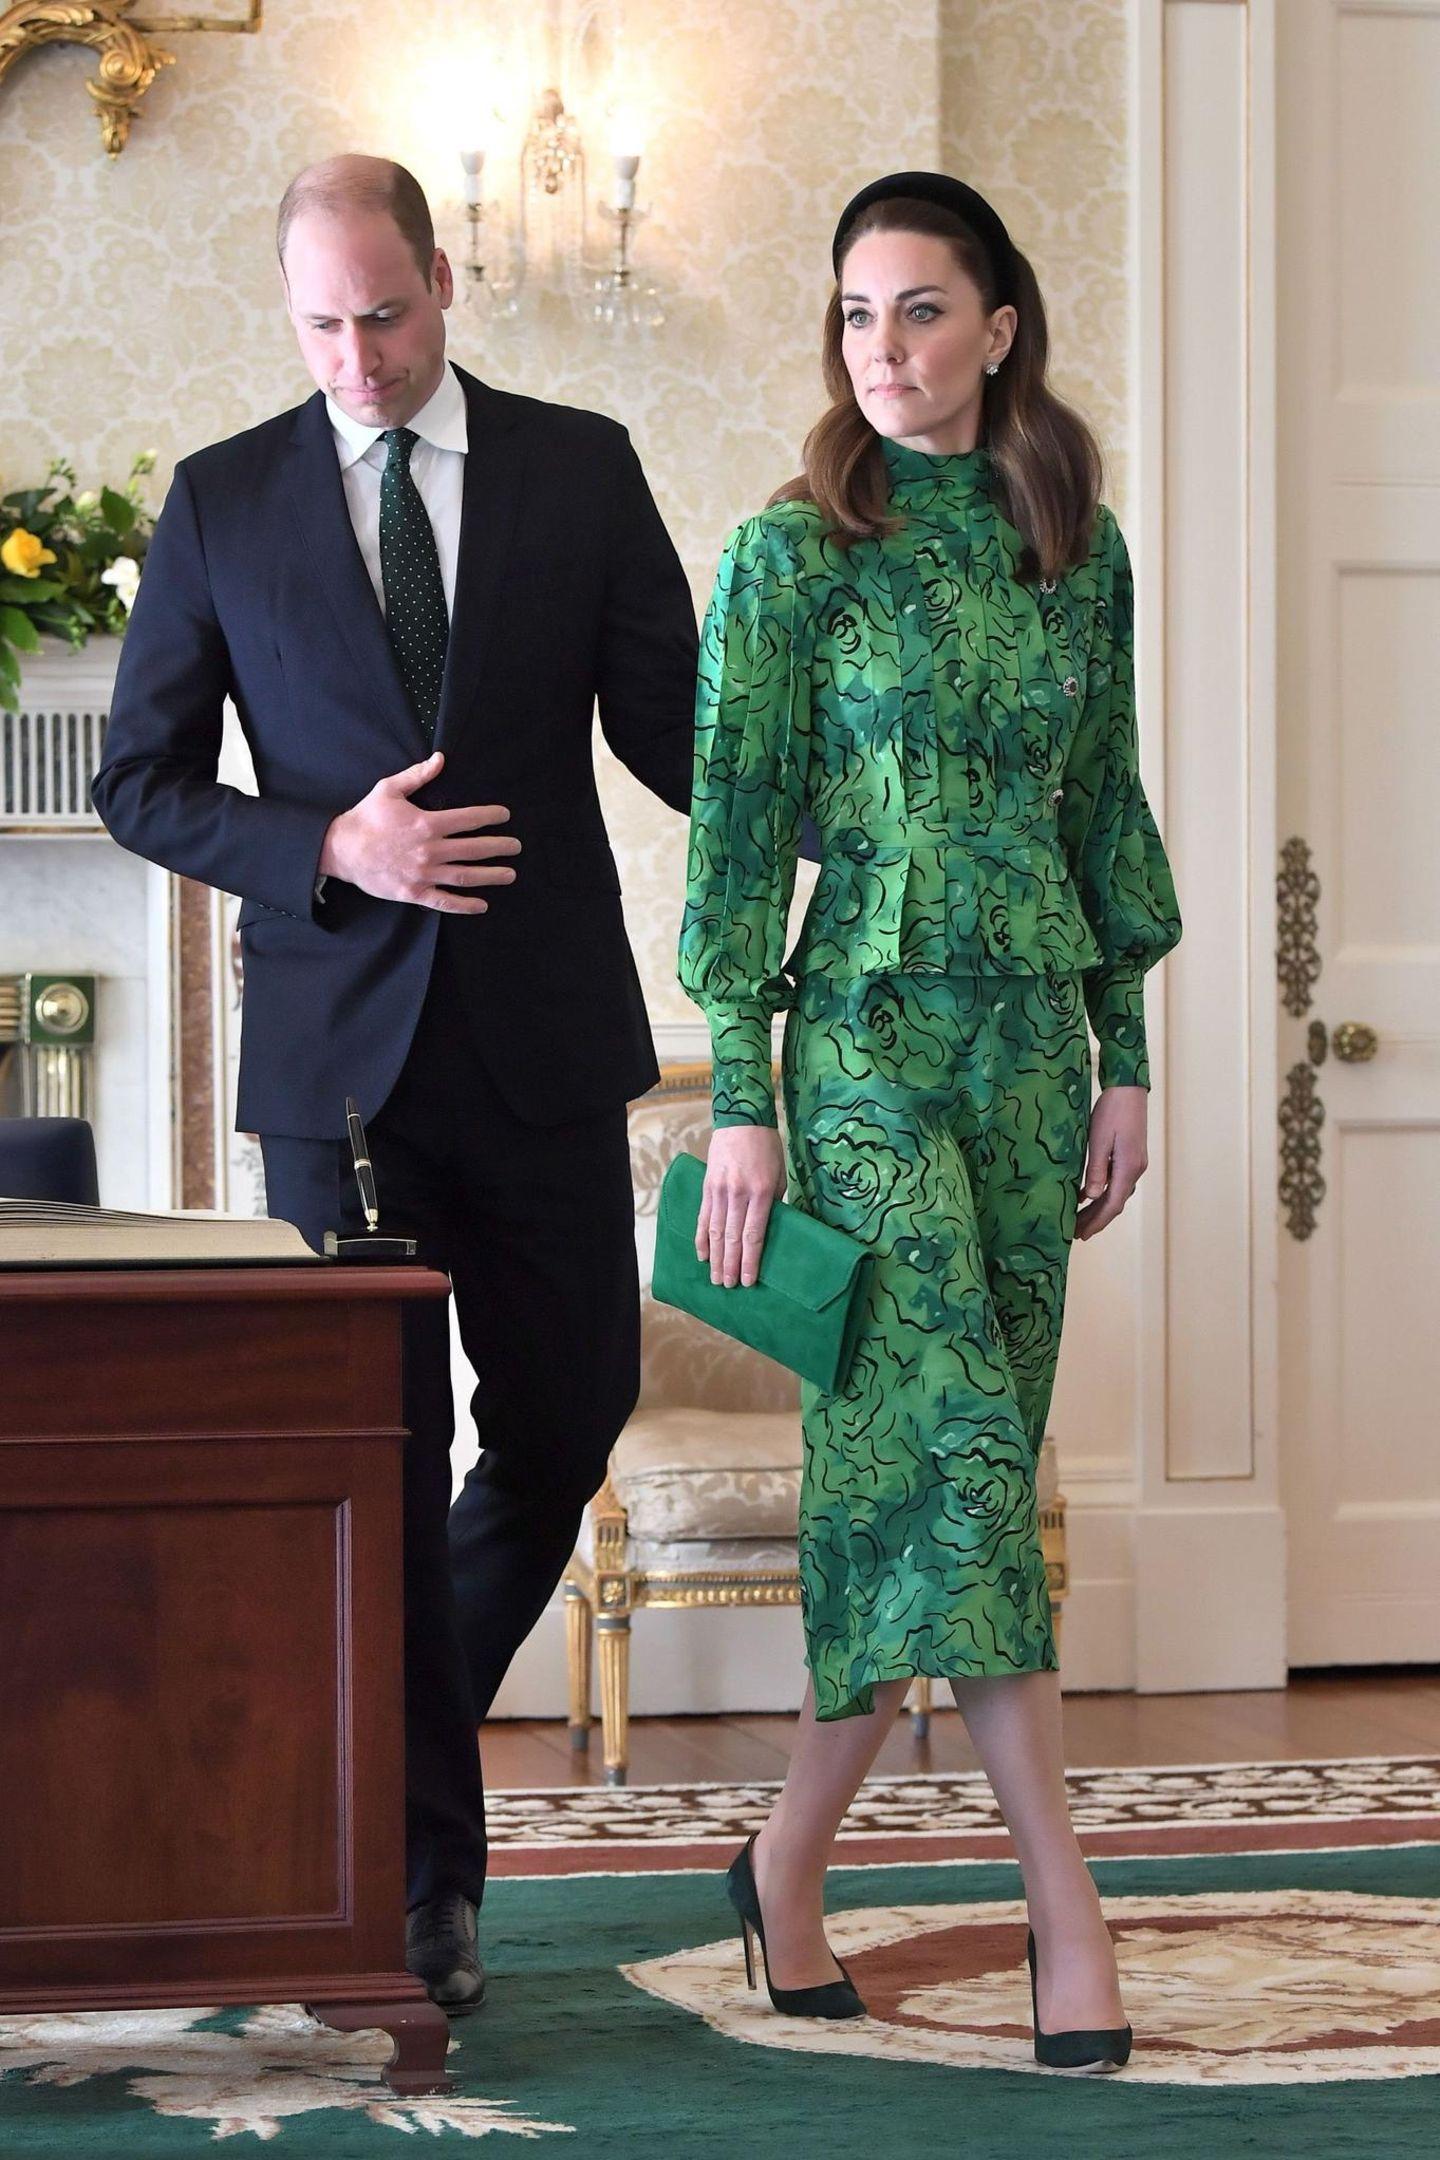 Beim Besuch des Präsidenten wird der Look, der aus der Frühjahr/Sommer-Kollektion dieses Jahres stammt,nochmal ohne Mantel präsentiert. Geraffte Ärmel, eine betonte Taille und Schößchen machen das gemusterte Dress zu einem absoluten Hingucker.